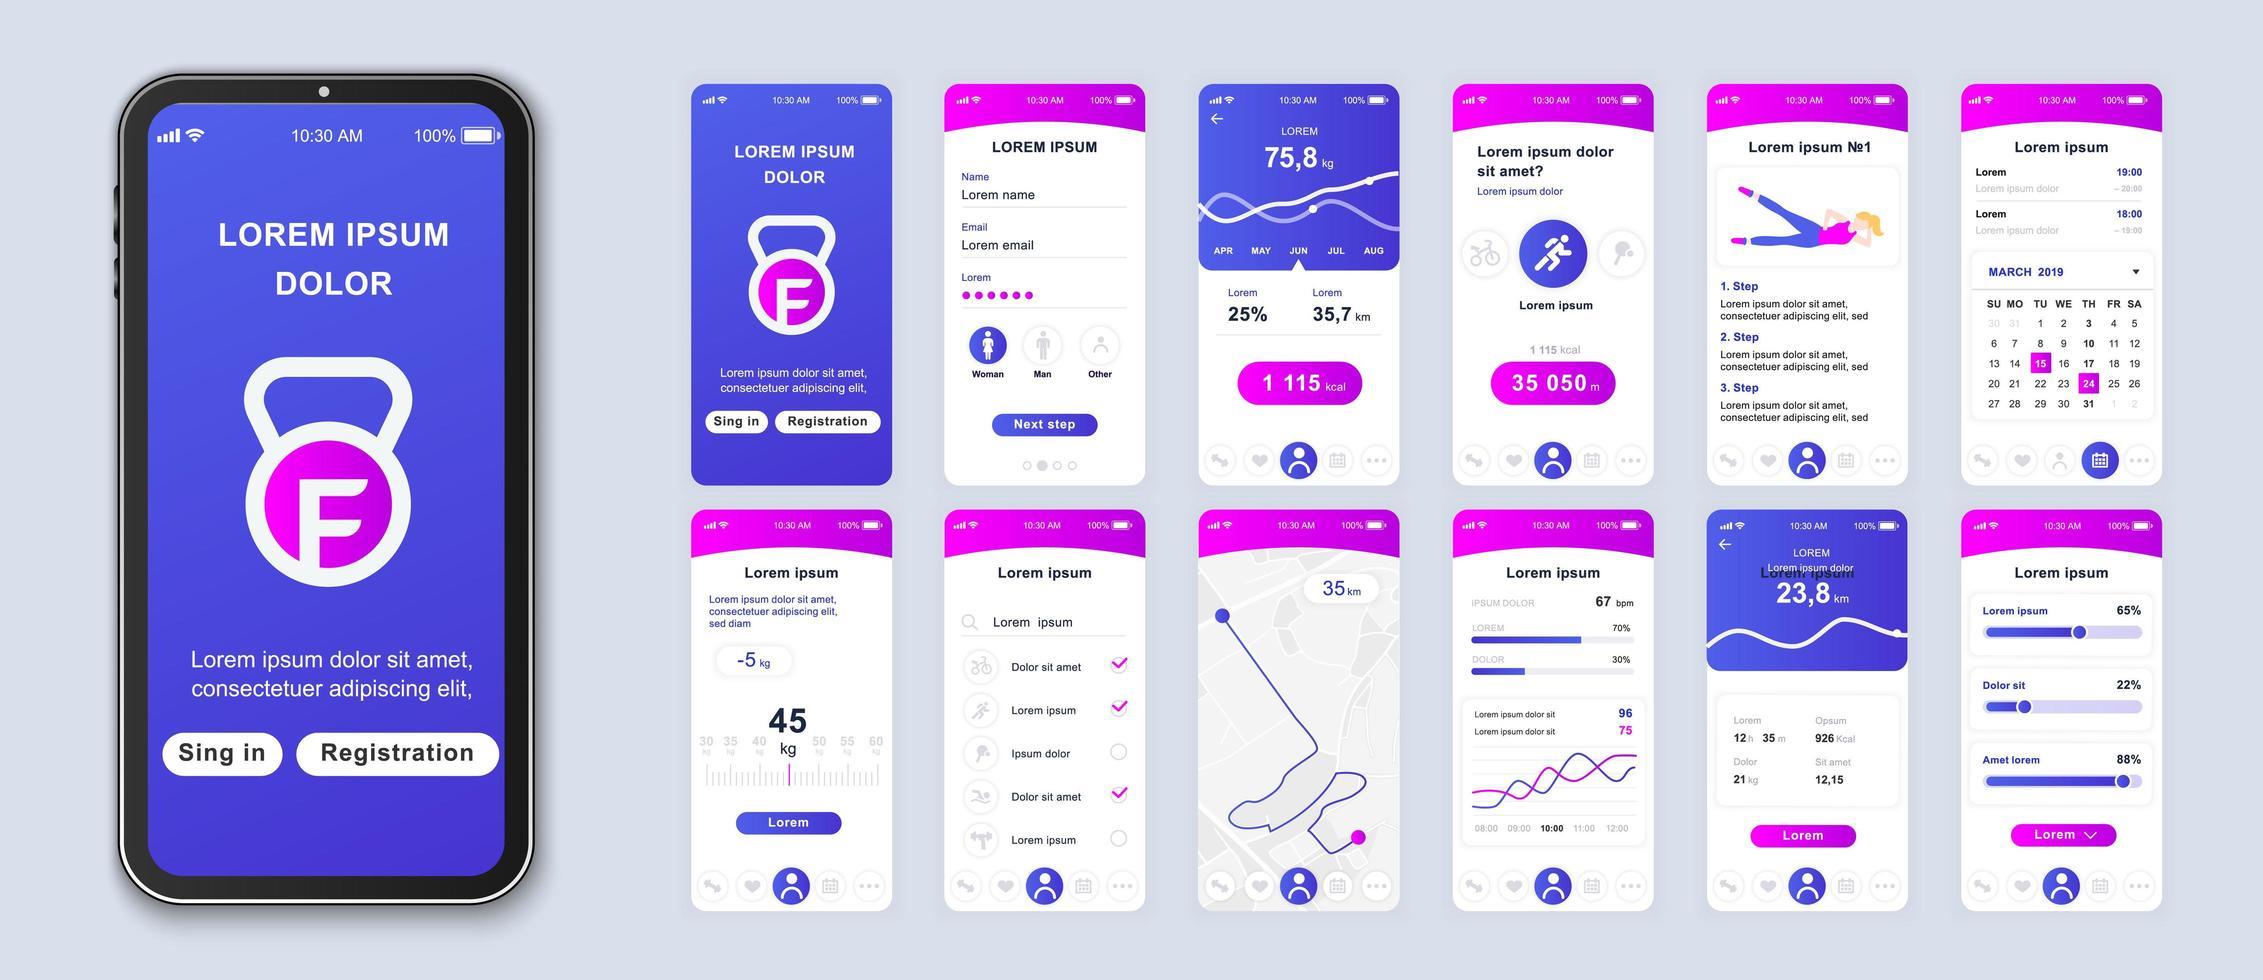 interface de smartphone do aplicativo UI de aptidão do gradiente roxo e rosa vetor